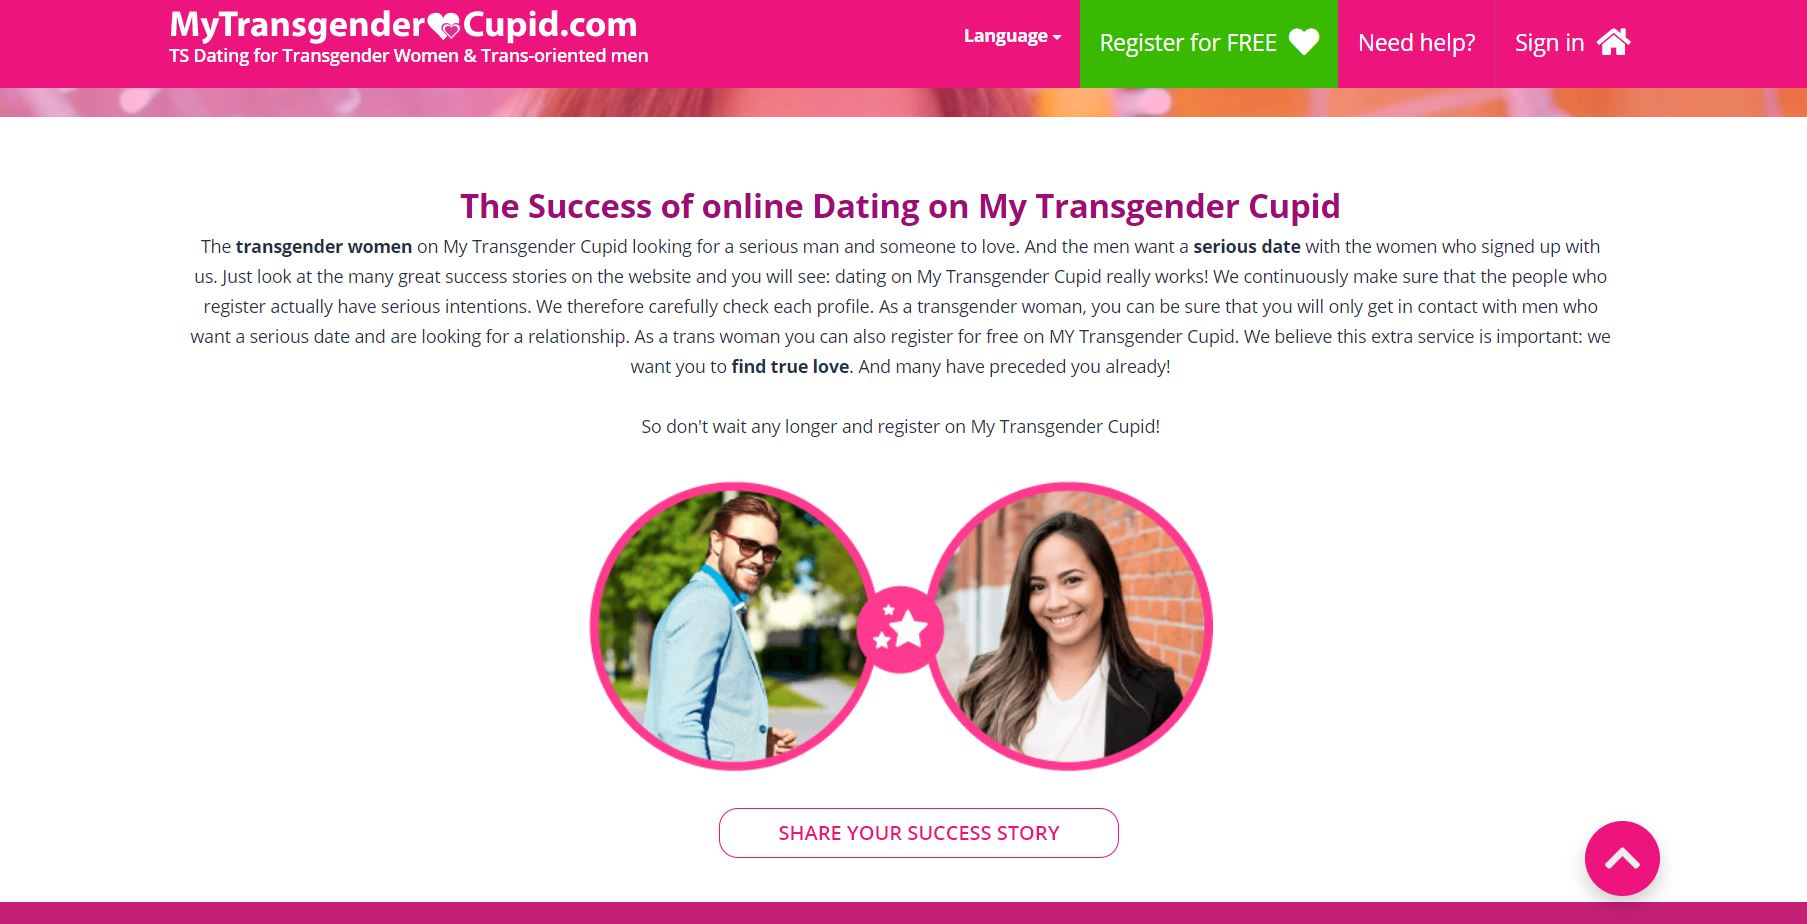 My Transgender Cupid História